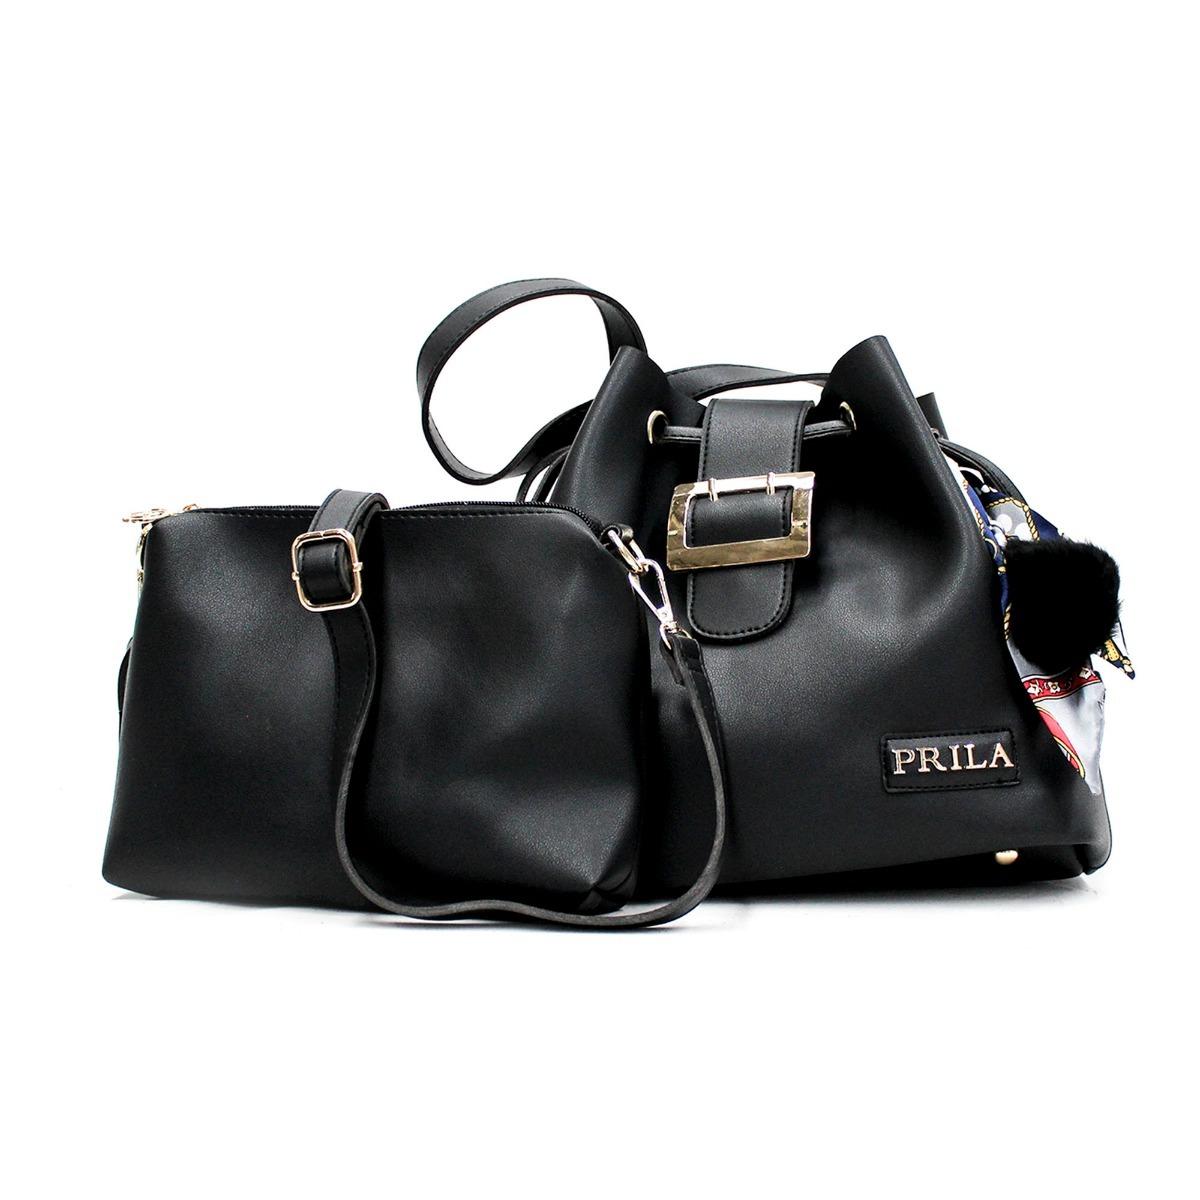 34e92e876 Bolso Tula Kit Doble Prila Max - Negro - $ 99.900 en Mercado Libre